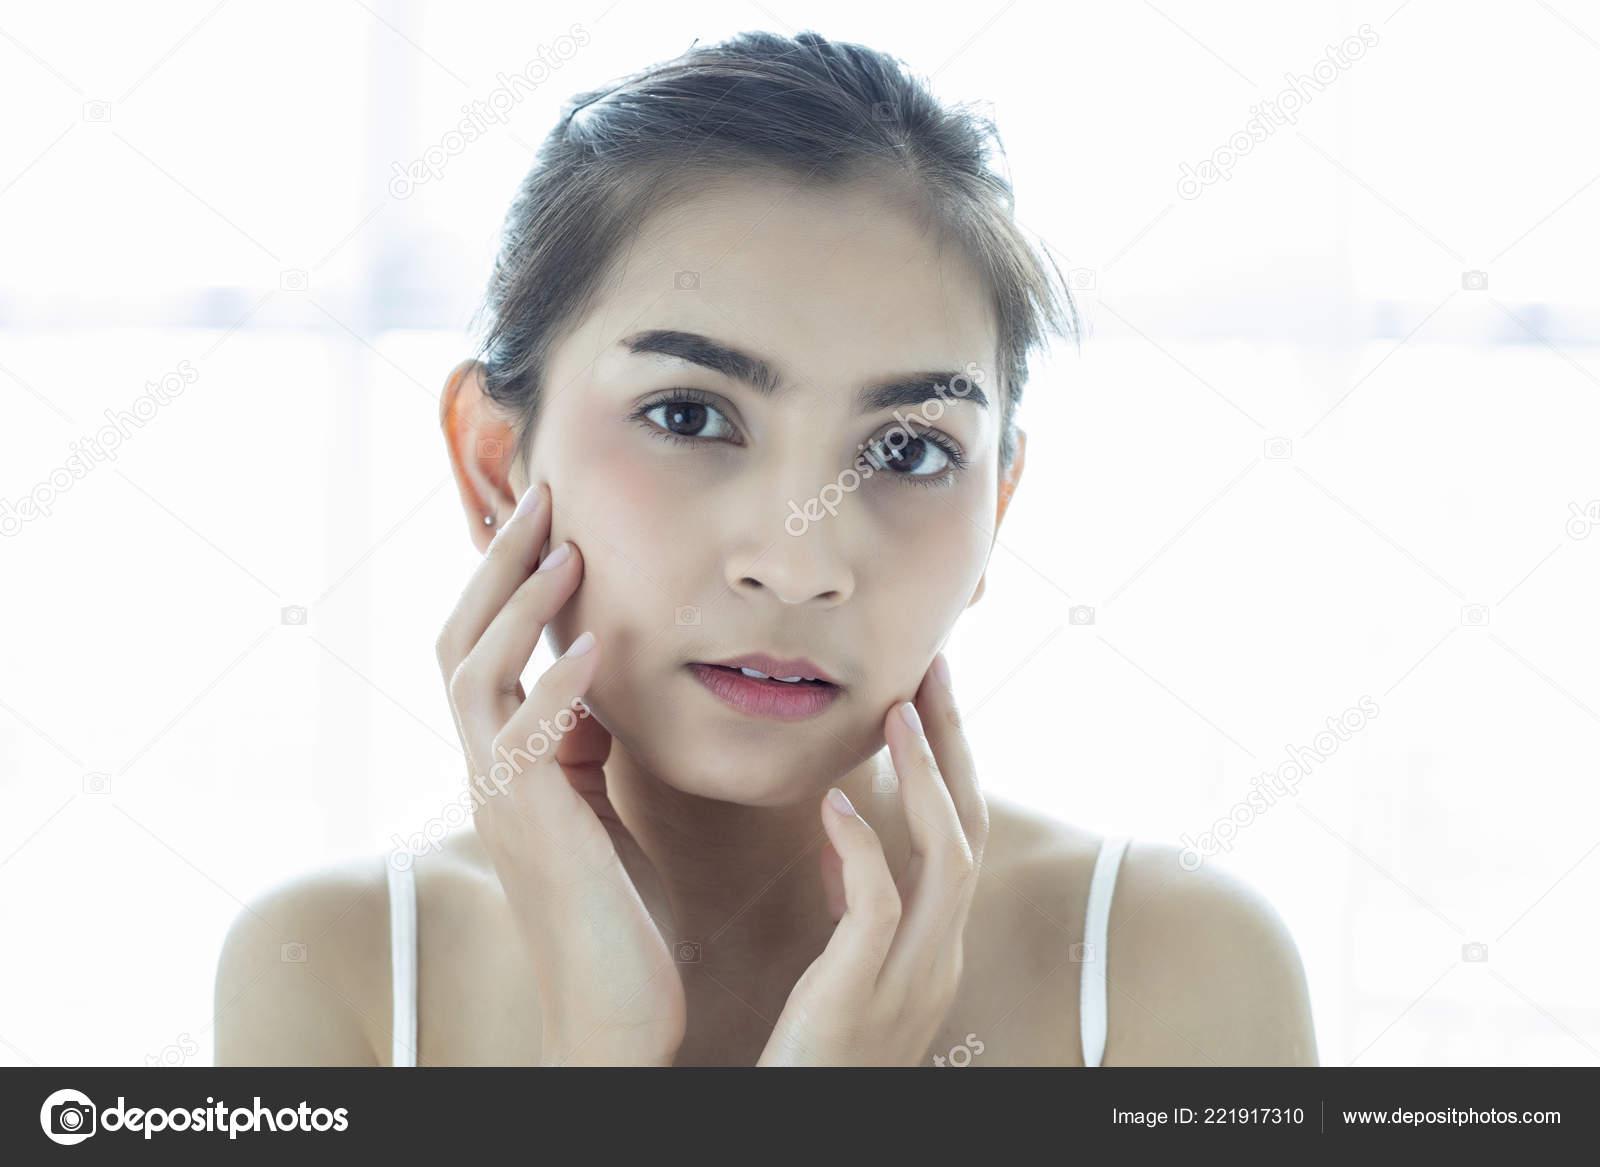 Asian Women Beautiful Clean Fresh Skin Touch Own Face Facial — Stock Photo